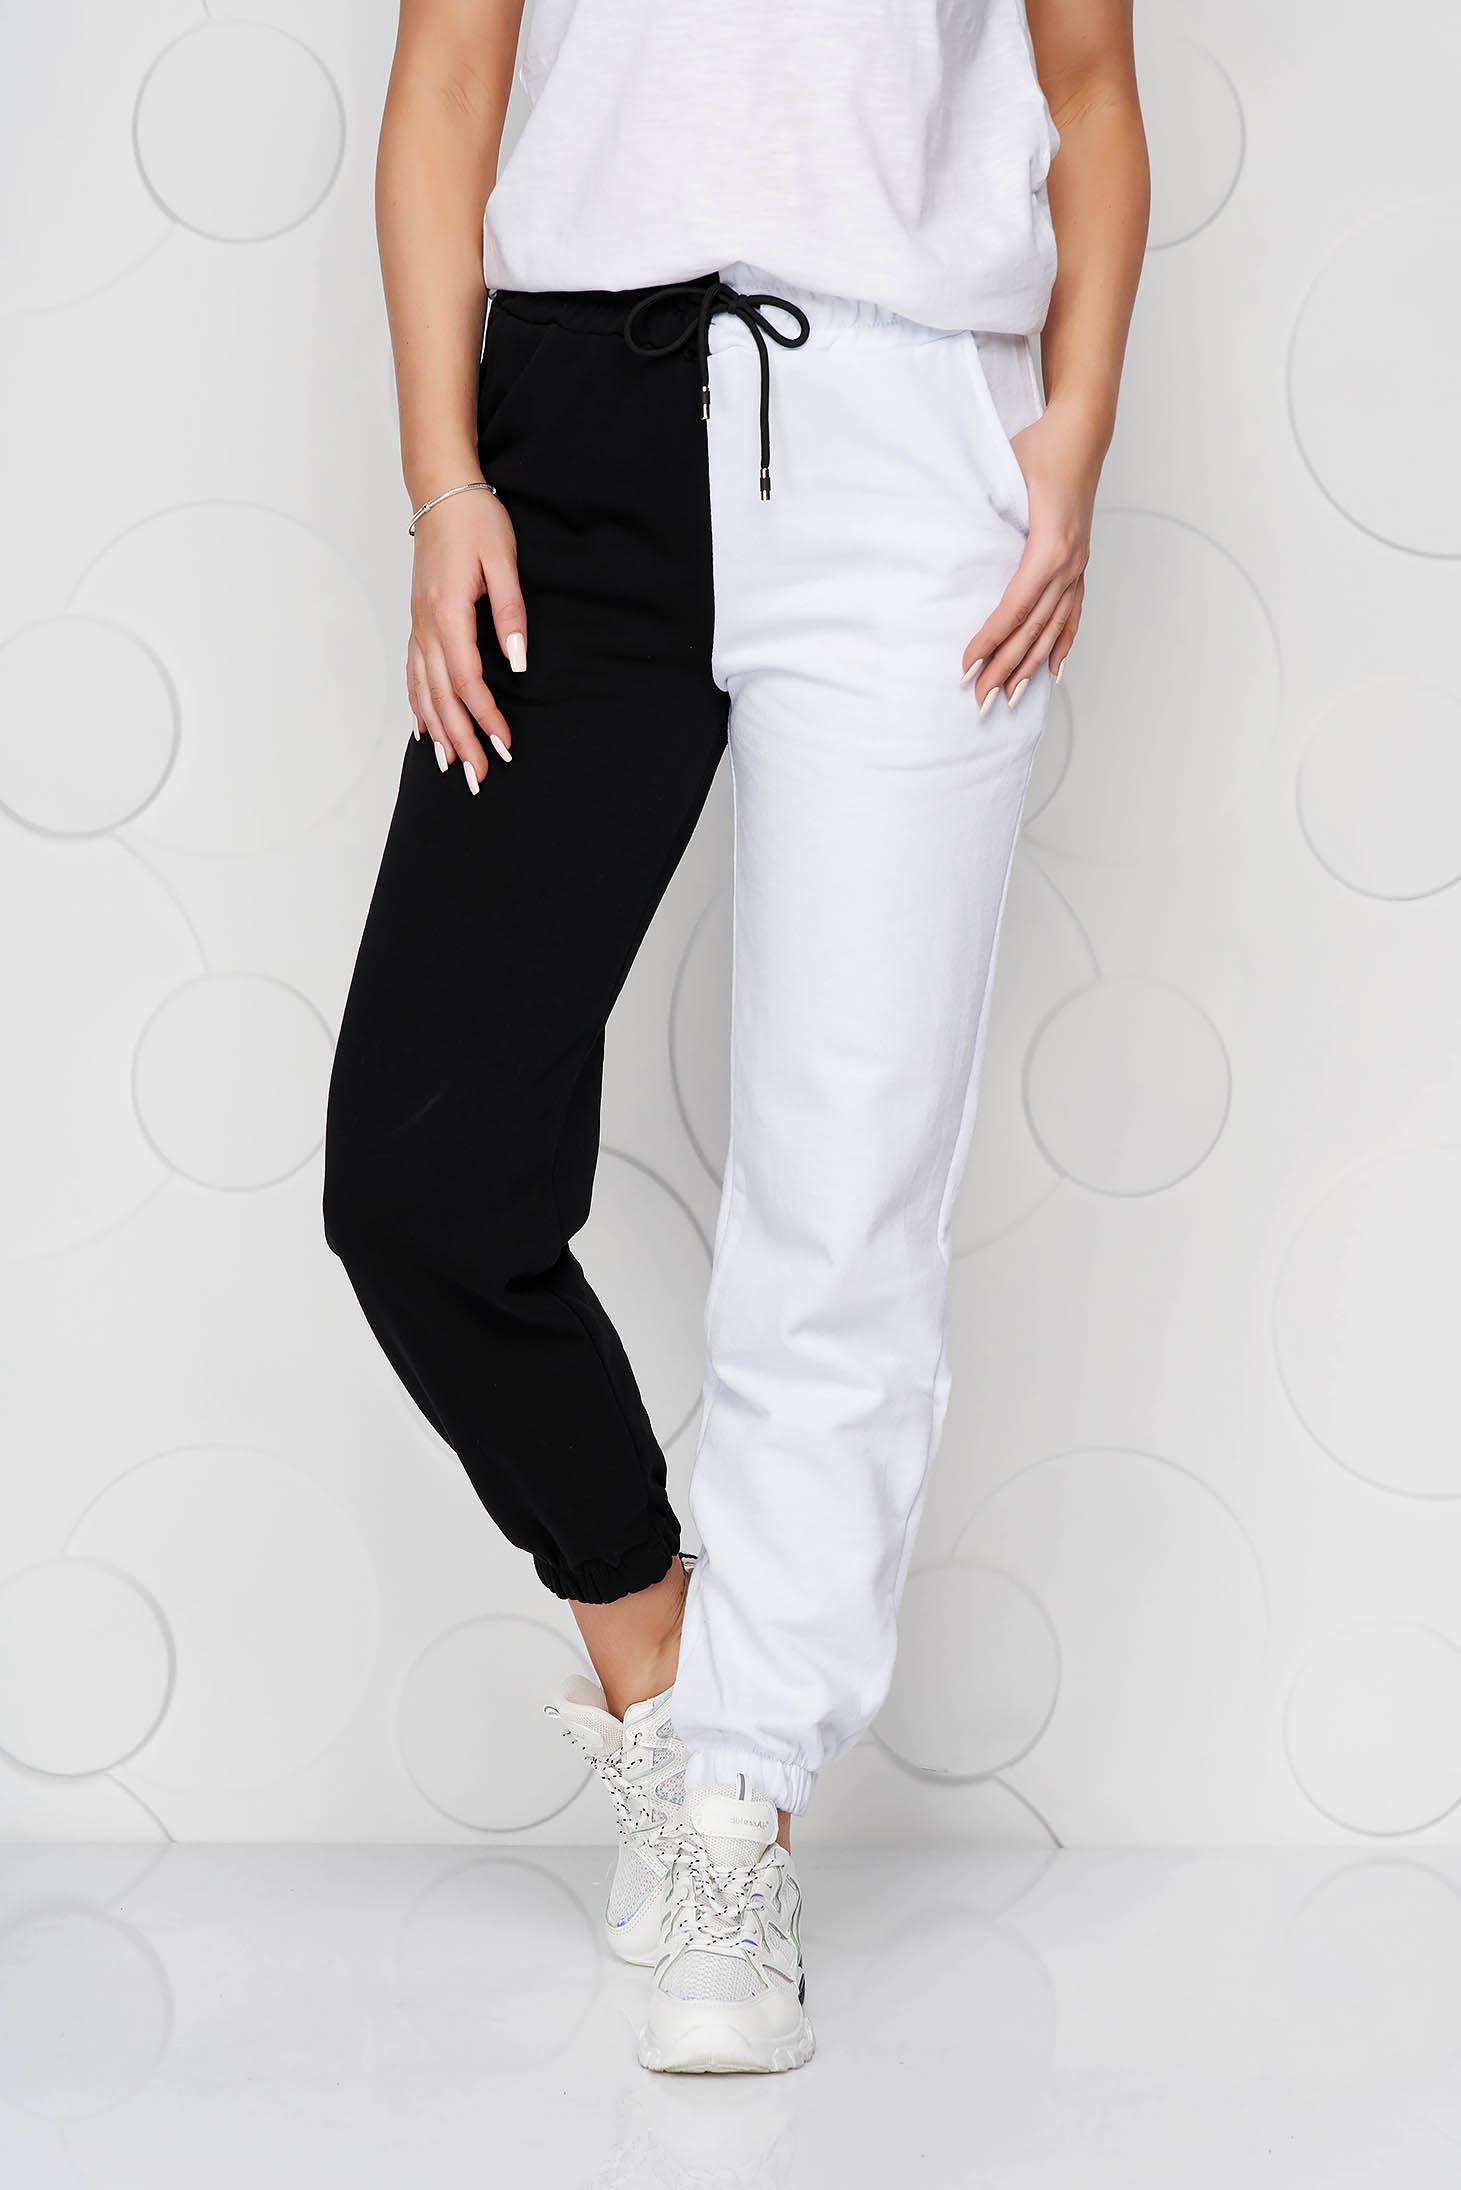 Pantaloni SunShine albi din bumbac cu talie inalta cu elastic in talie